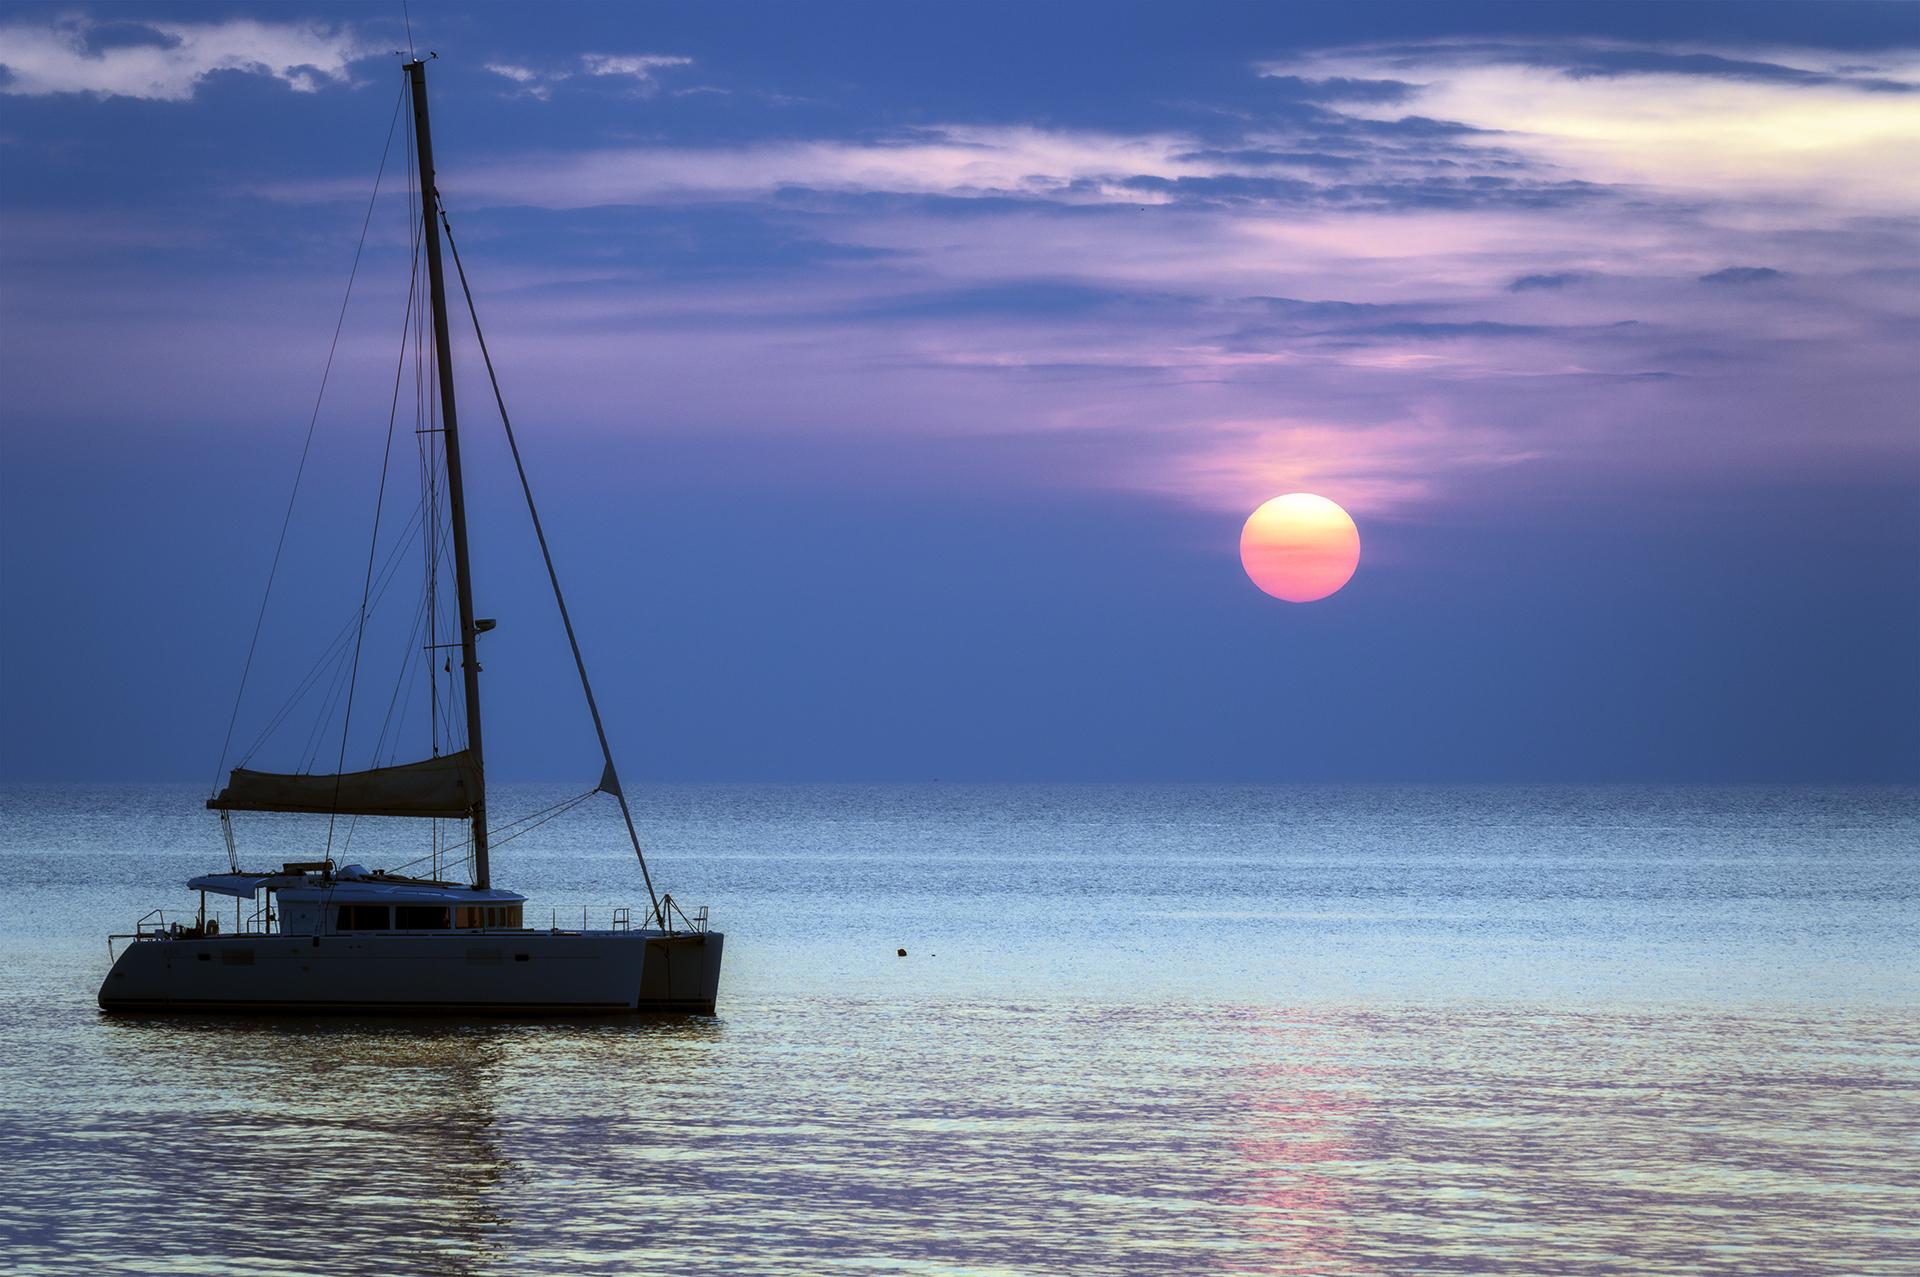 A sunset ......